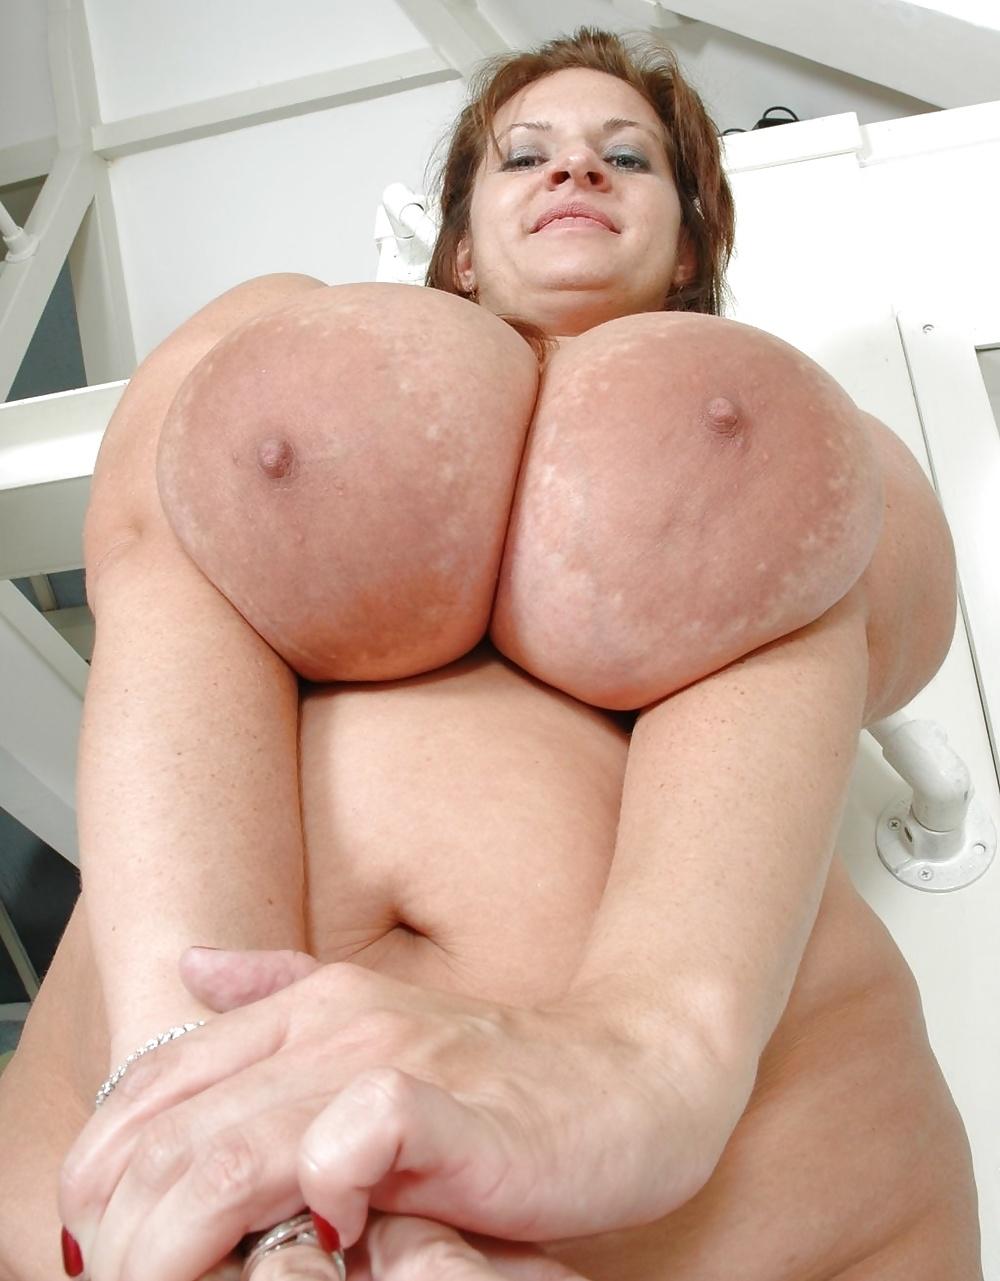 Belly porn pics